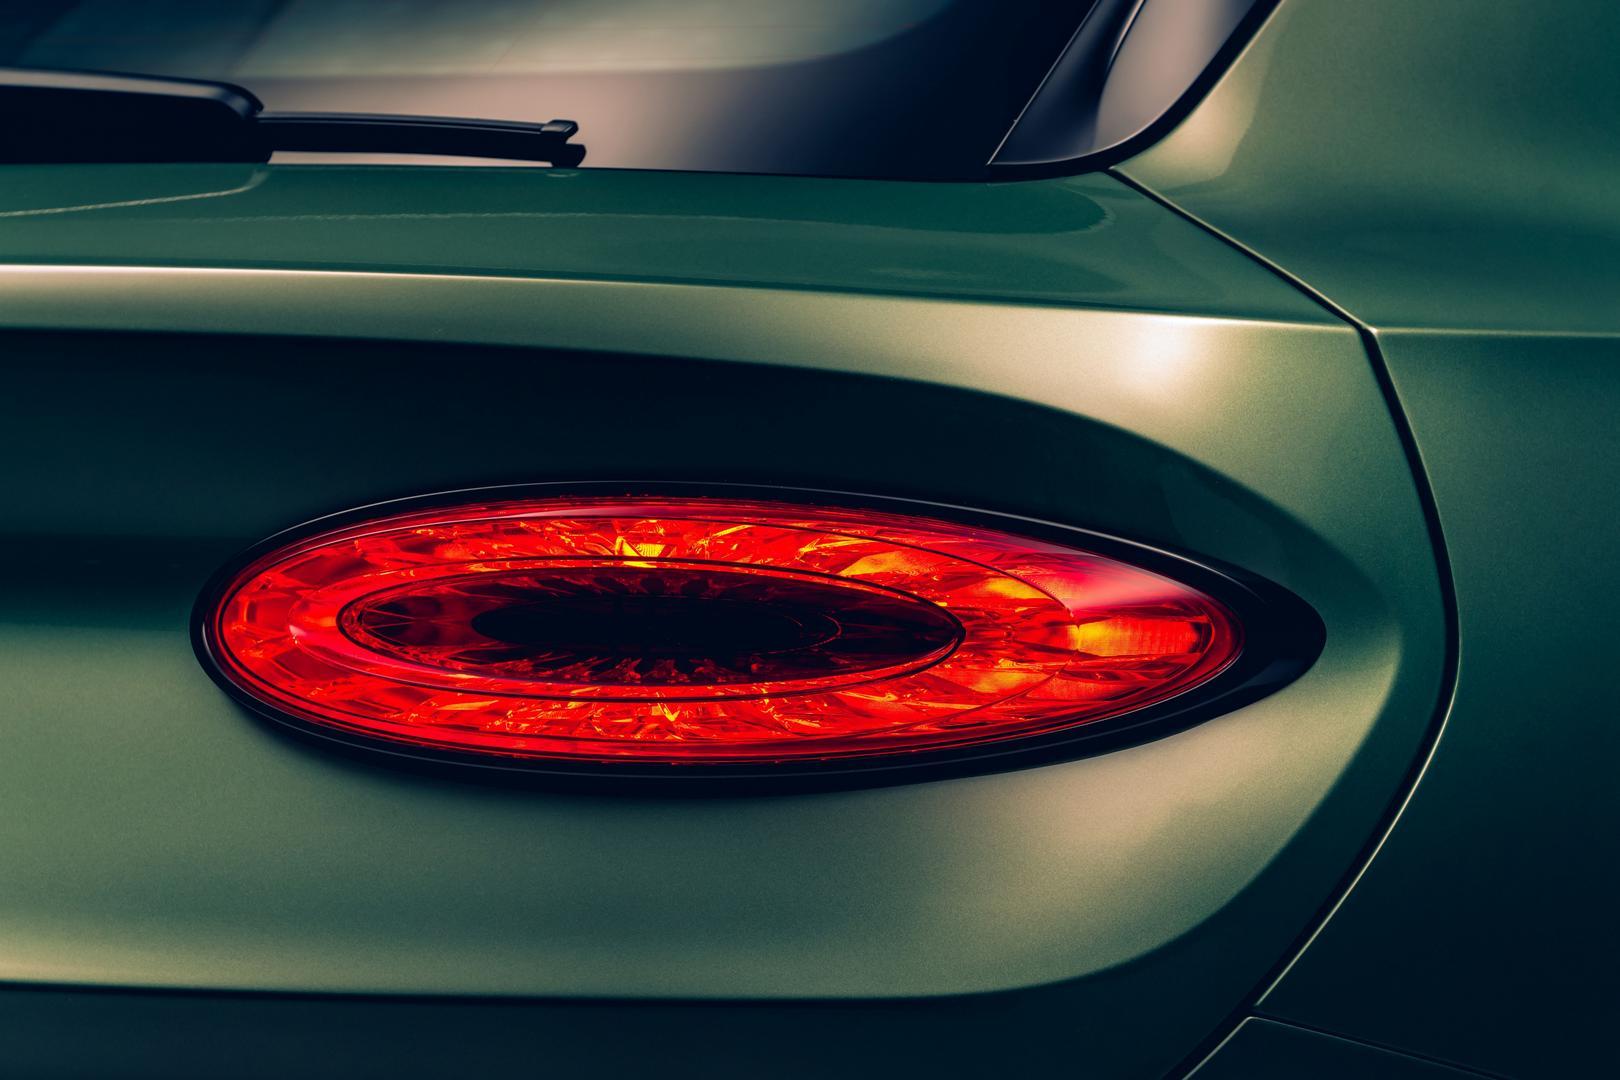 2021 Bentley Bentayga Tail light